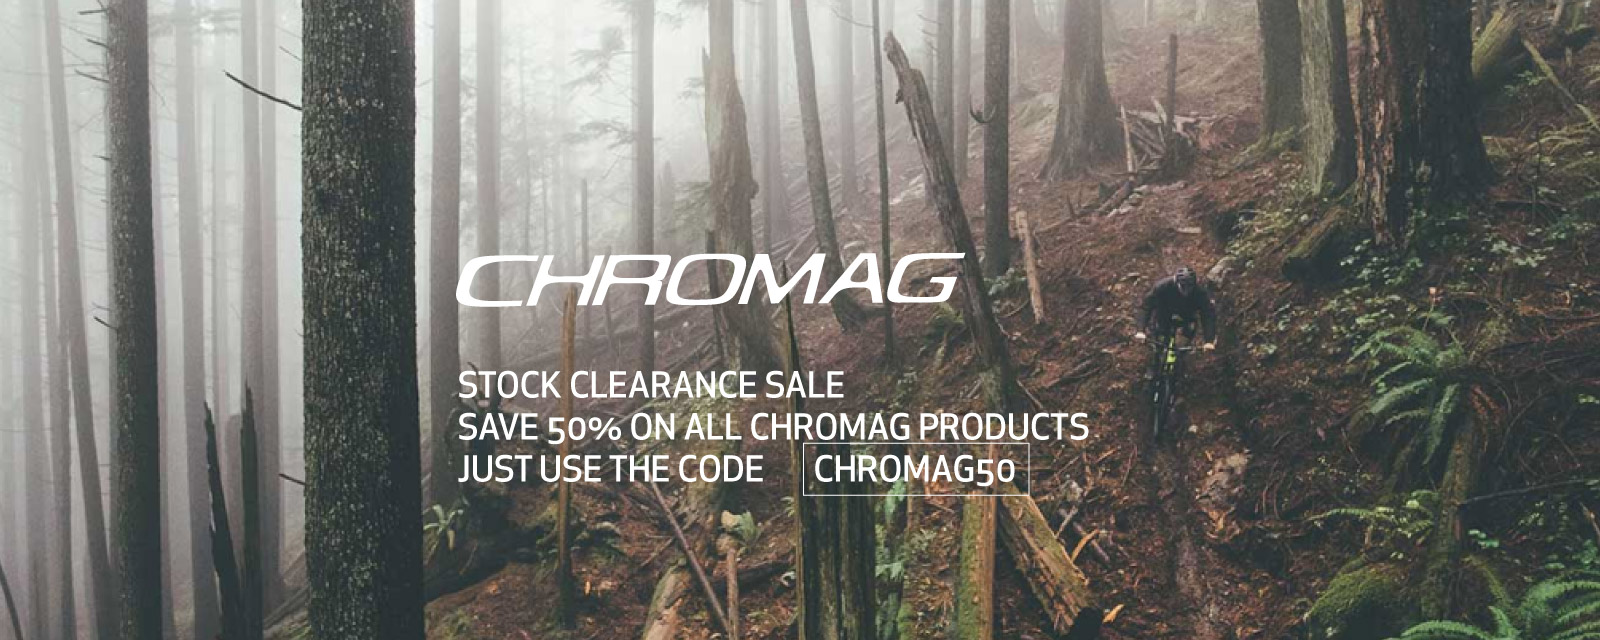 Chromag Sale